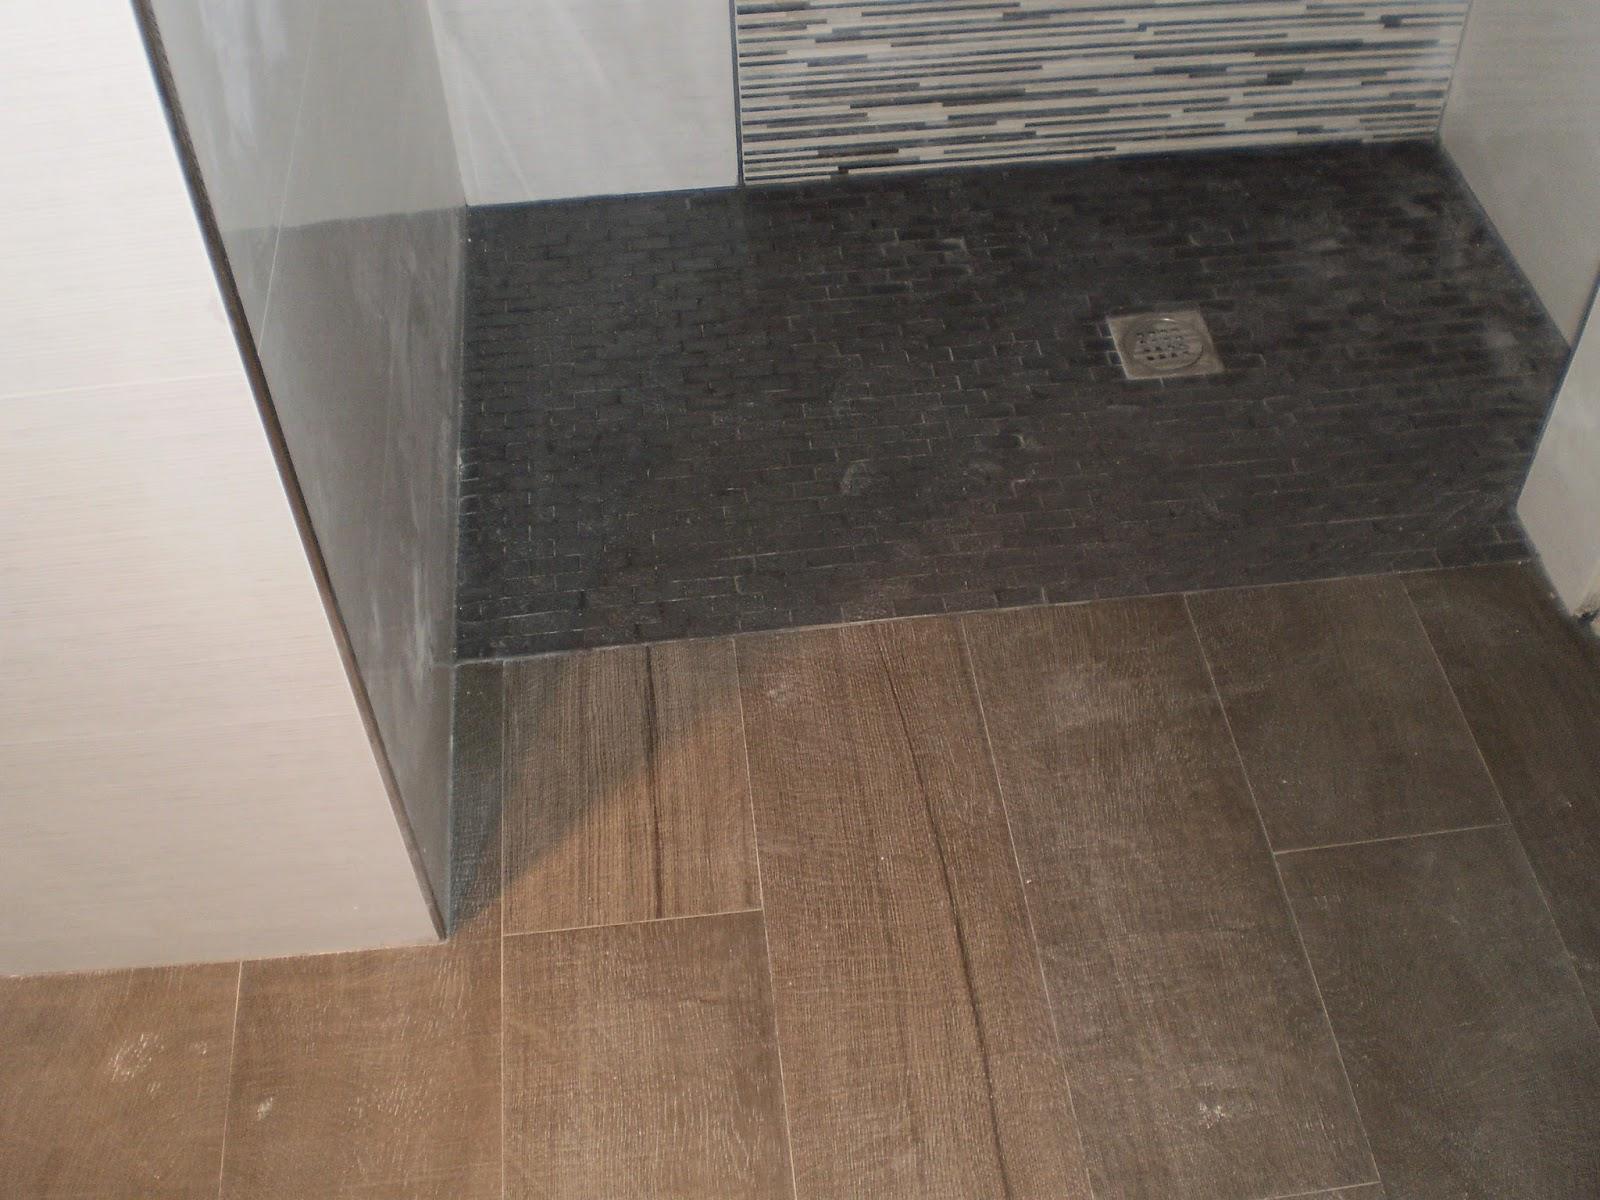 Construcciones y reformas tom s s m reforma de for Muebles para dentro ducha